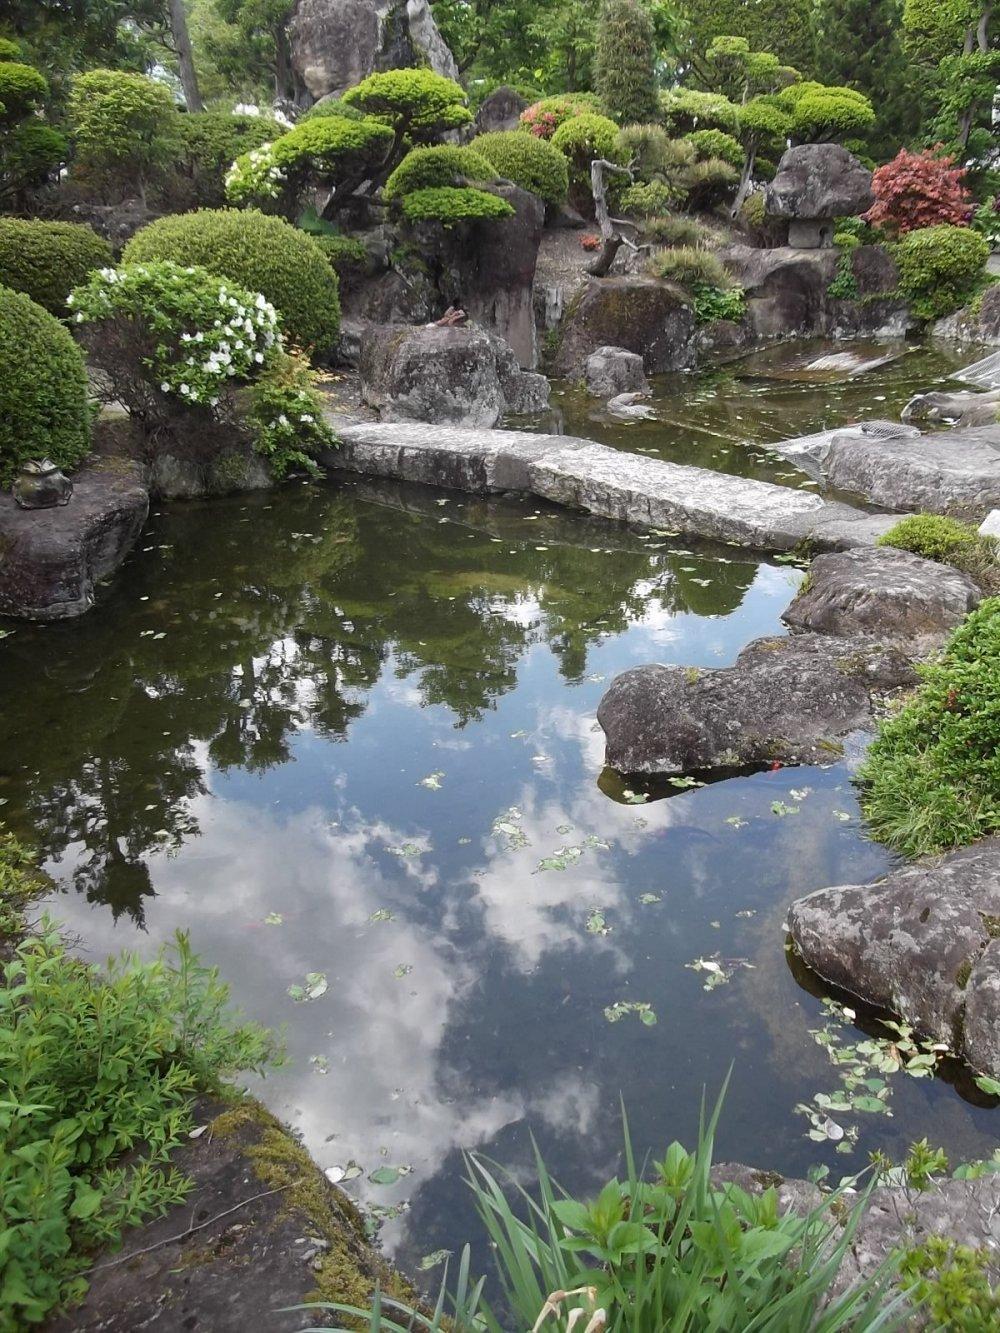 The carefully tended garden